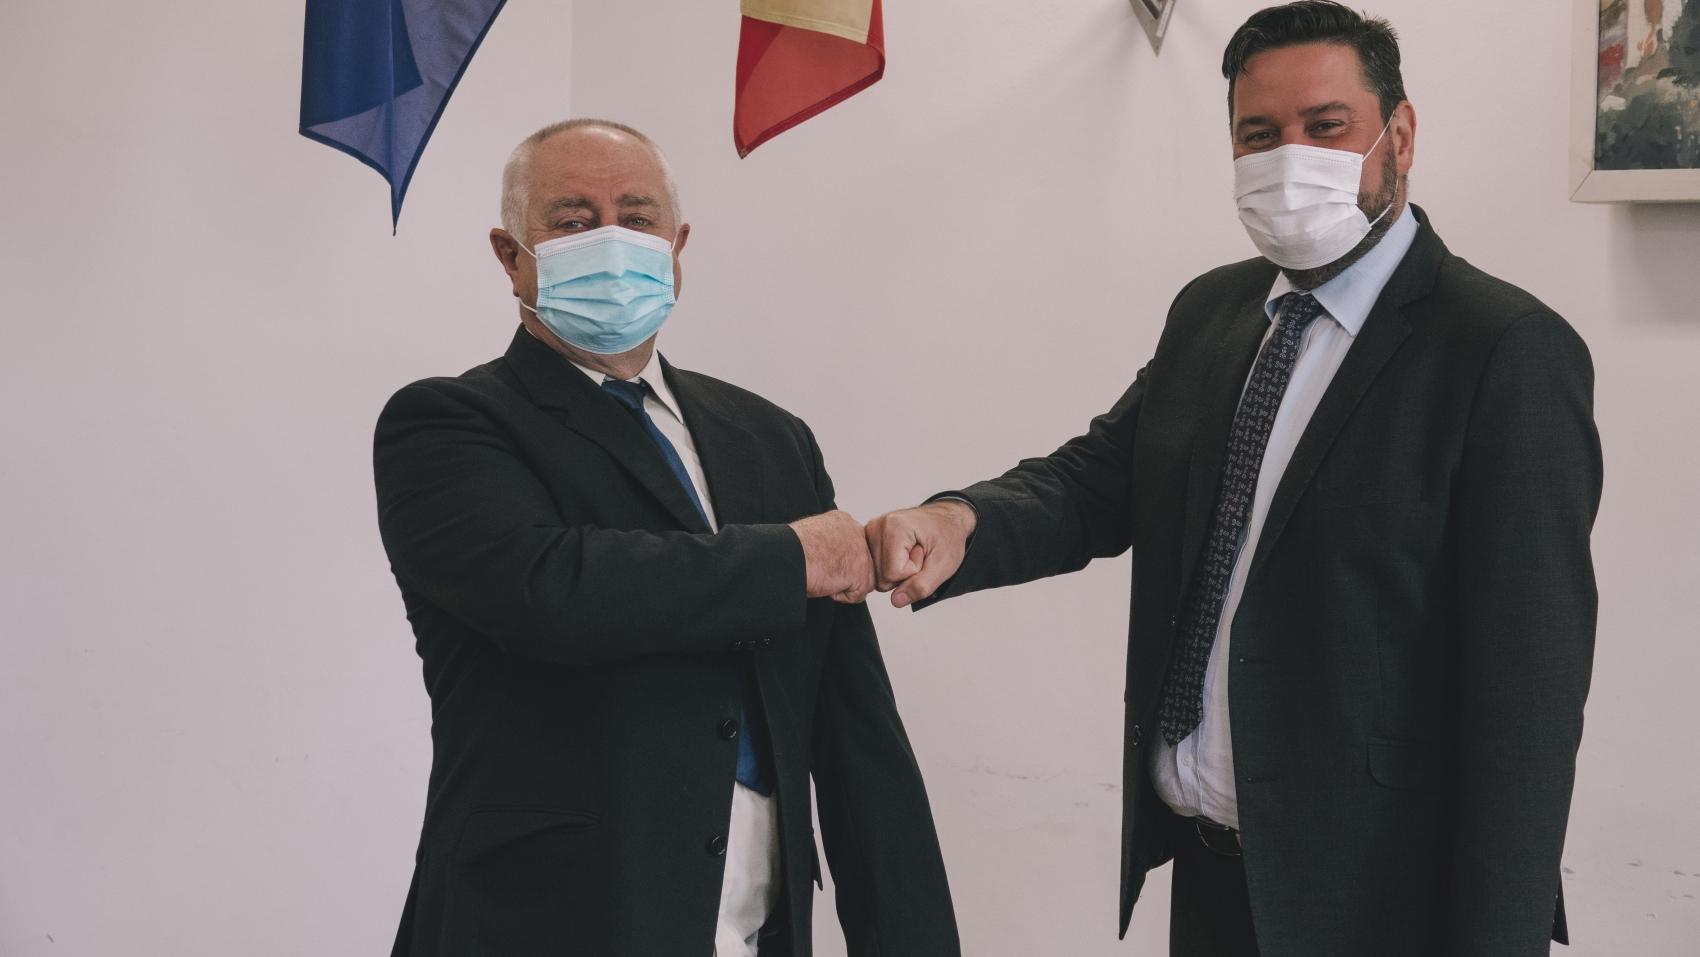 Darowizna Polskich Sieci Elektroenergetycznych S.A. na zakup [rodków do walki z epidemi koronawirusa